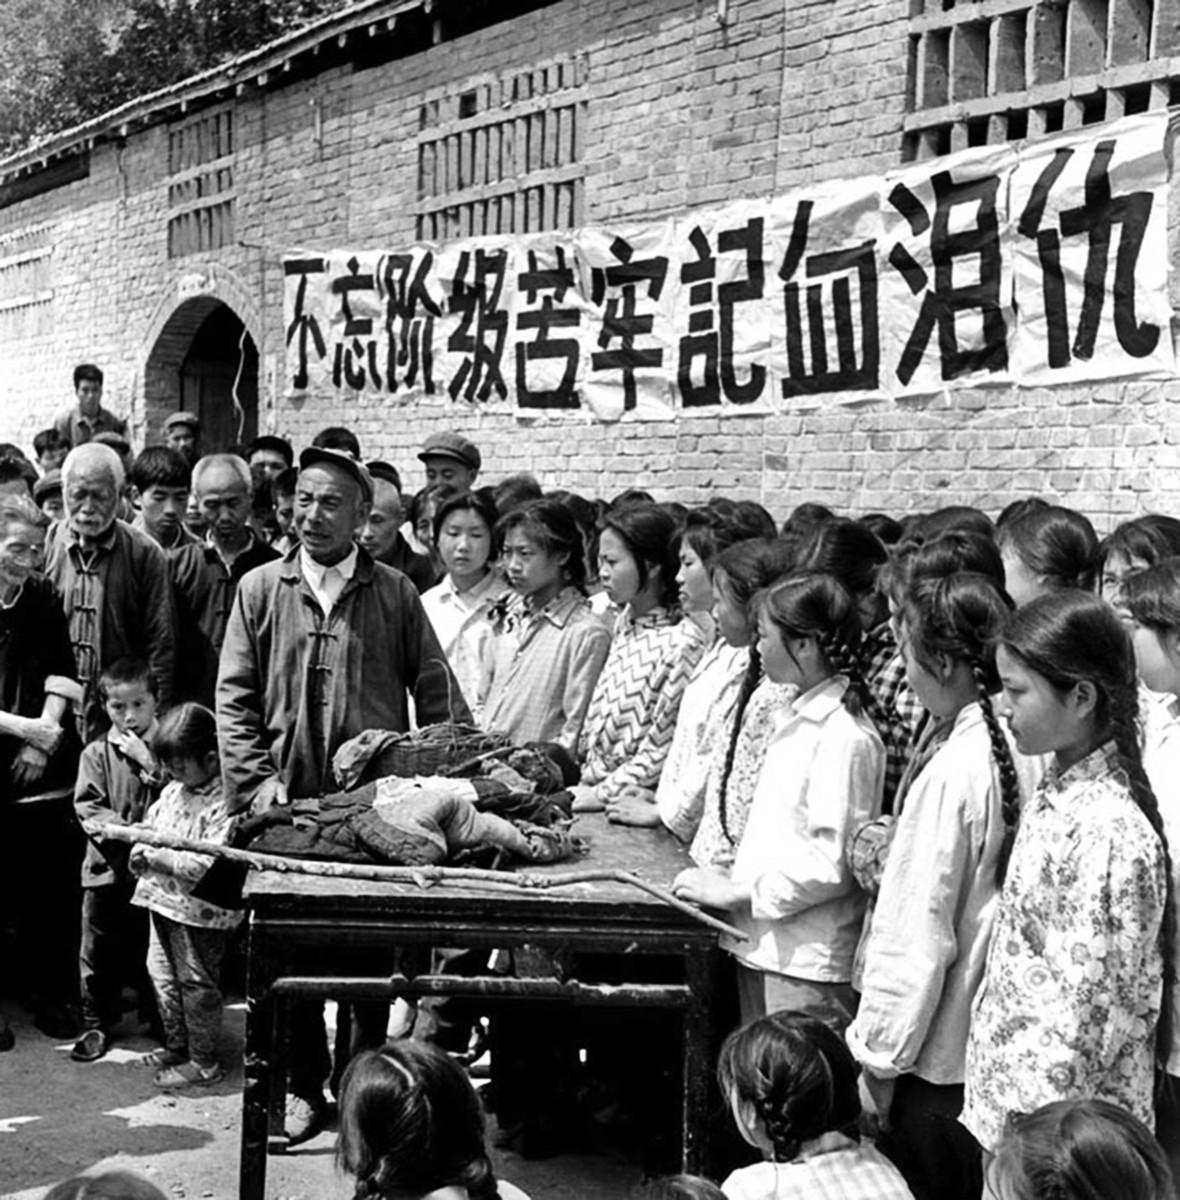 從中共搞的「憶苦思甜」活動中不經意透露的真相,證實了傳統農村地主的形象,並非如中共宣傳的那般,並非是「凶狠、殘暴、貪婪」的代名詞。(網絡圖片)